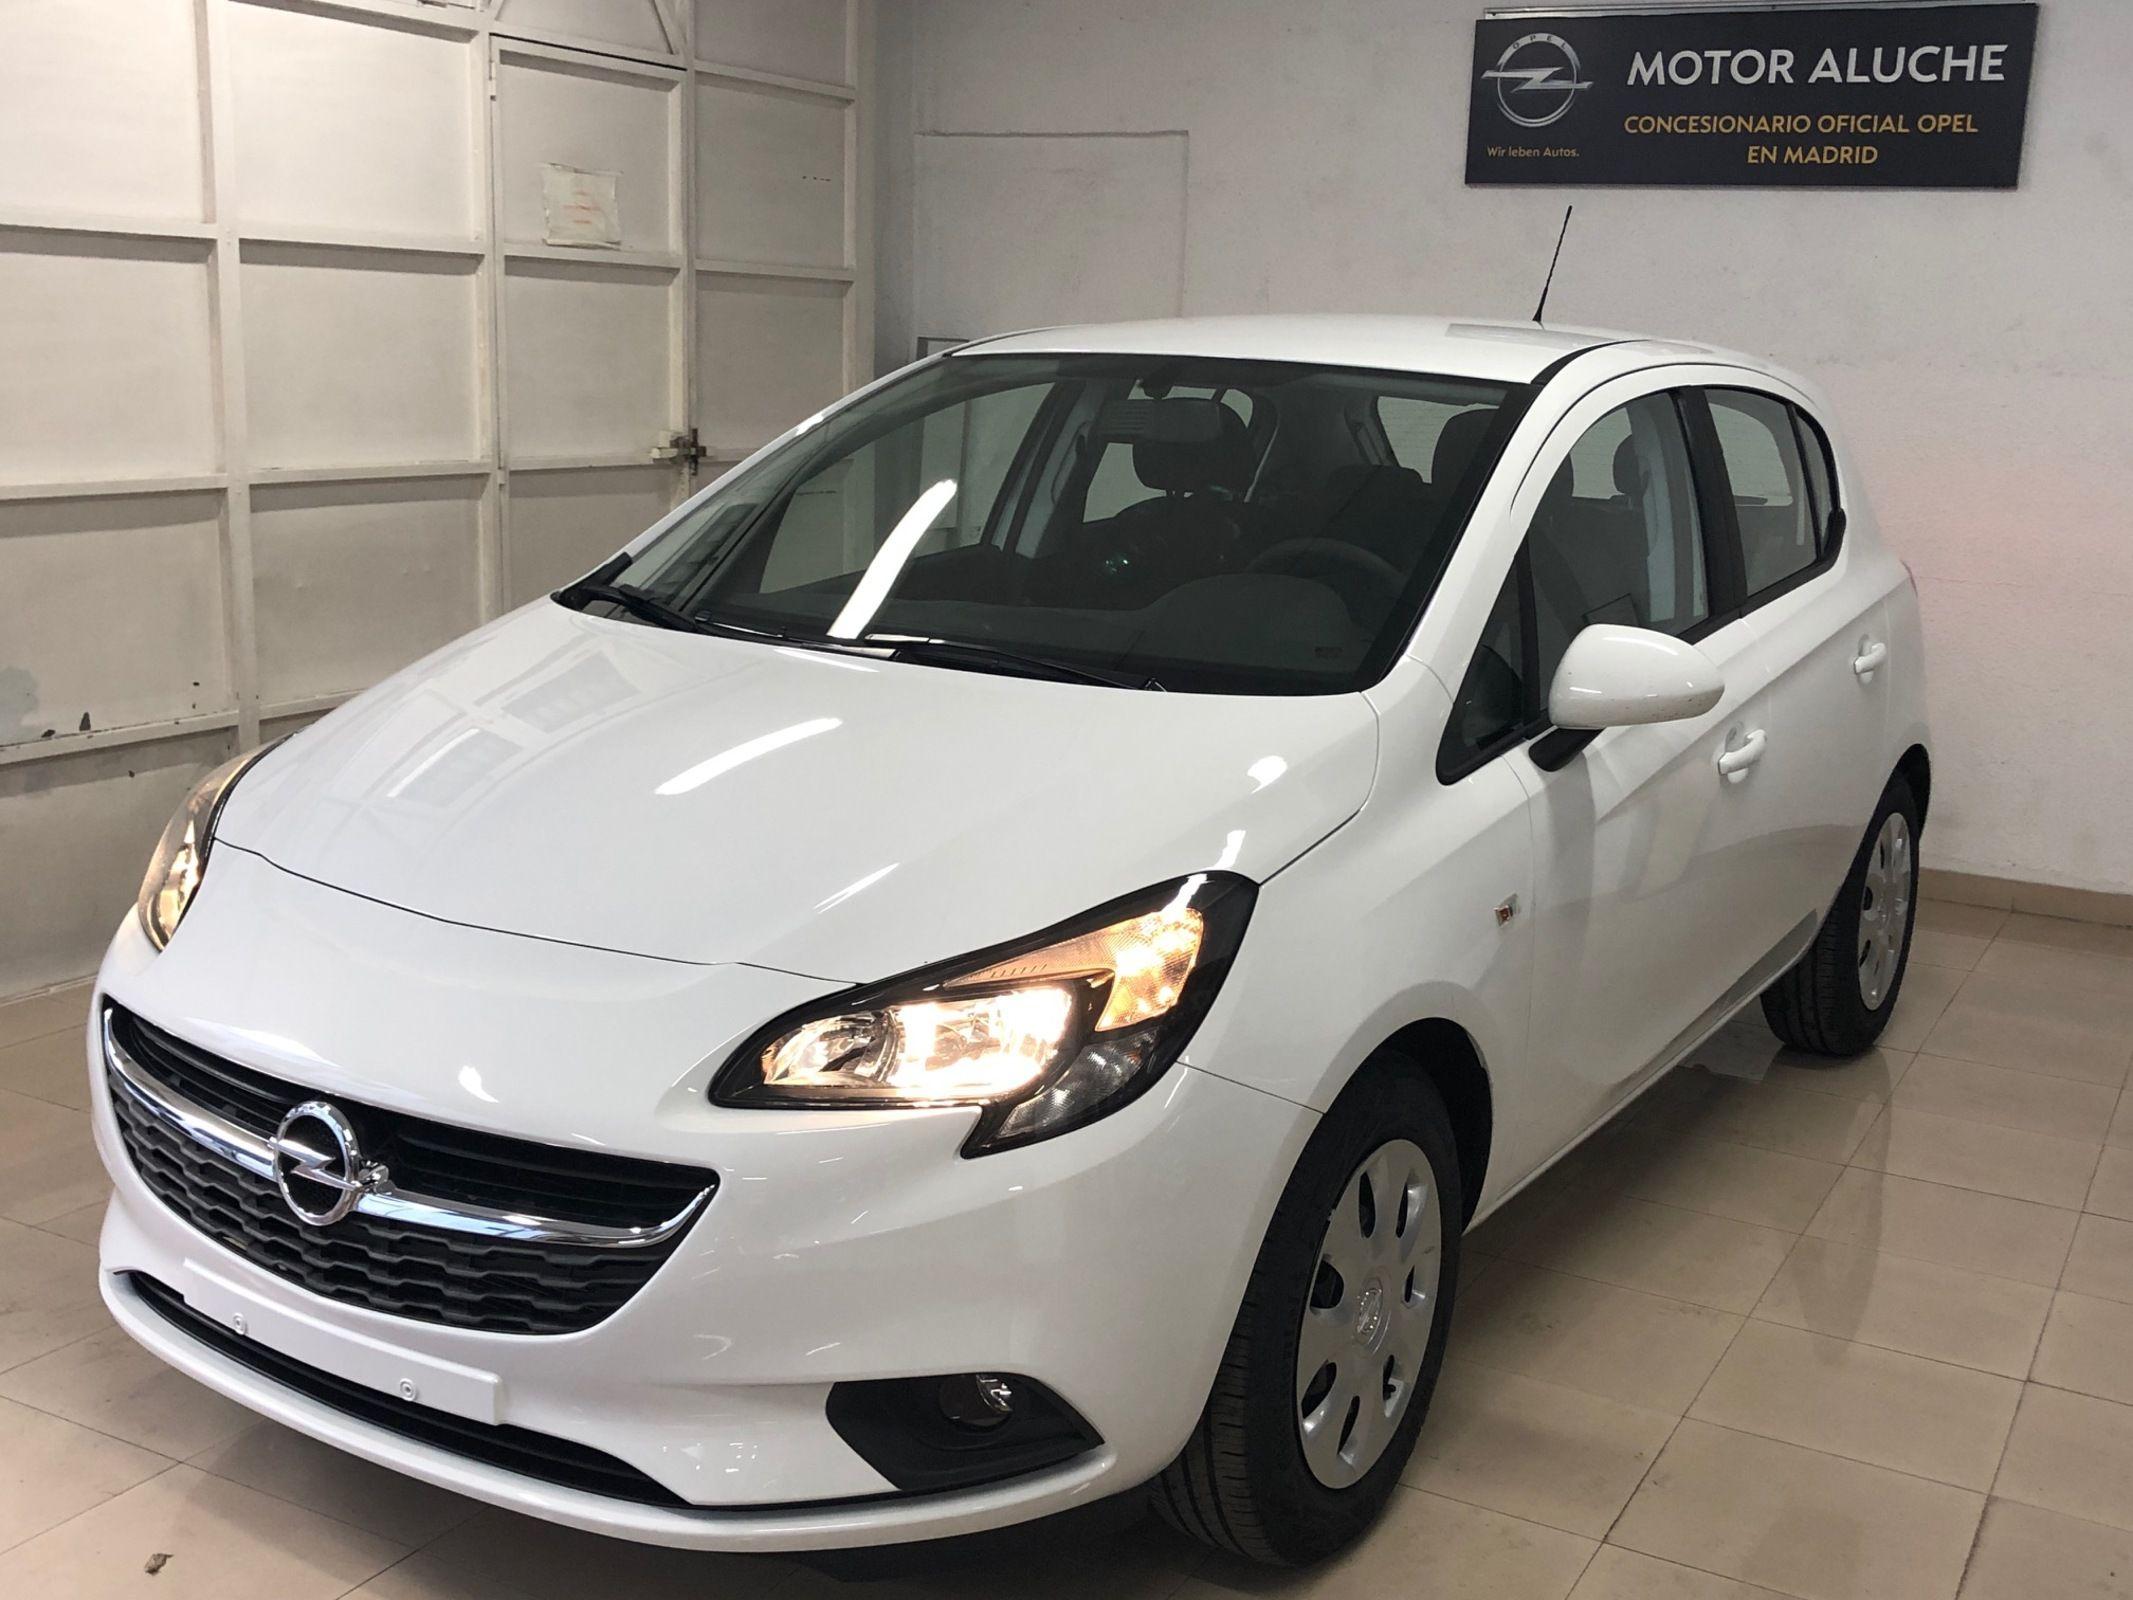 Opel Astra 5P Selective Pro 1.6 CDTi S&S (110Cv) desde 16.450€